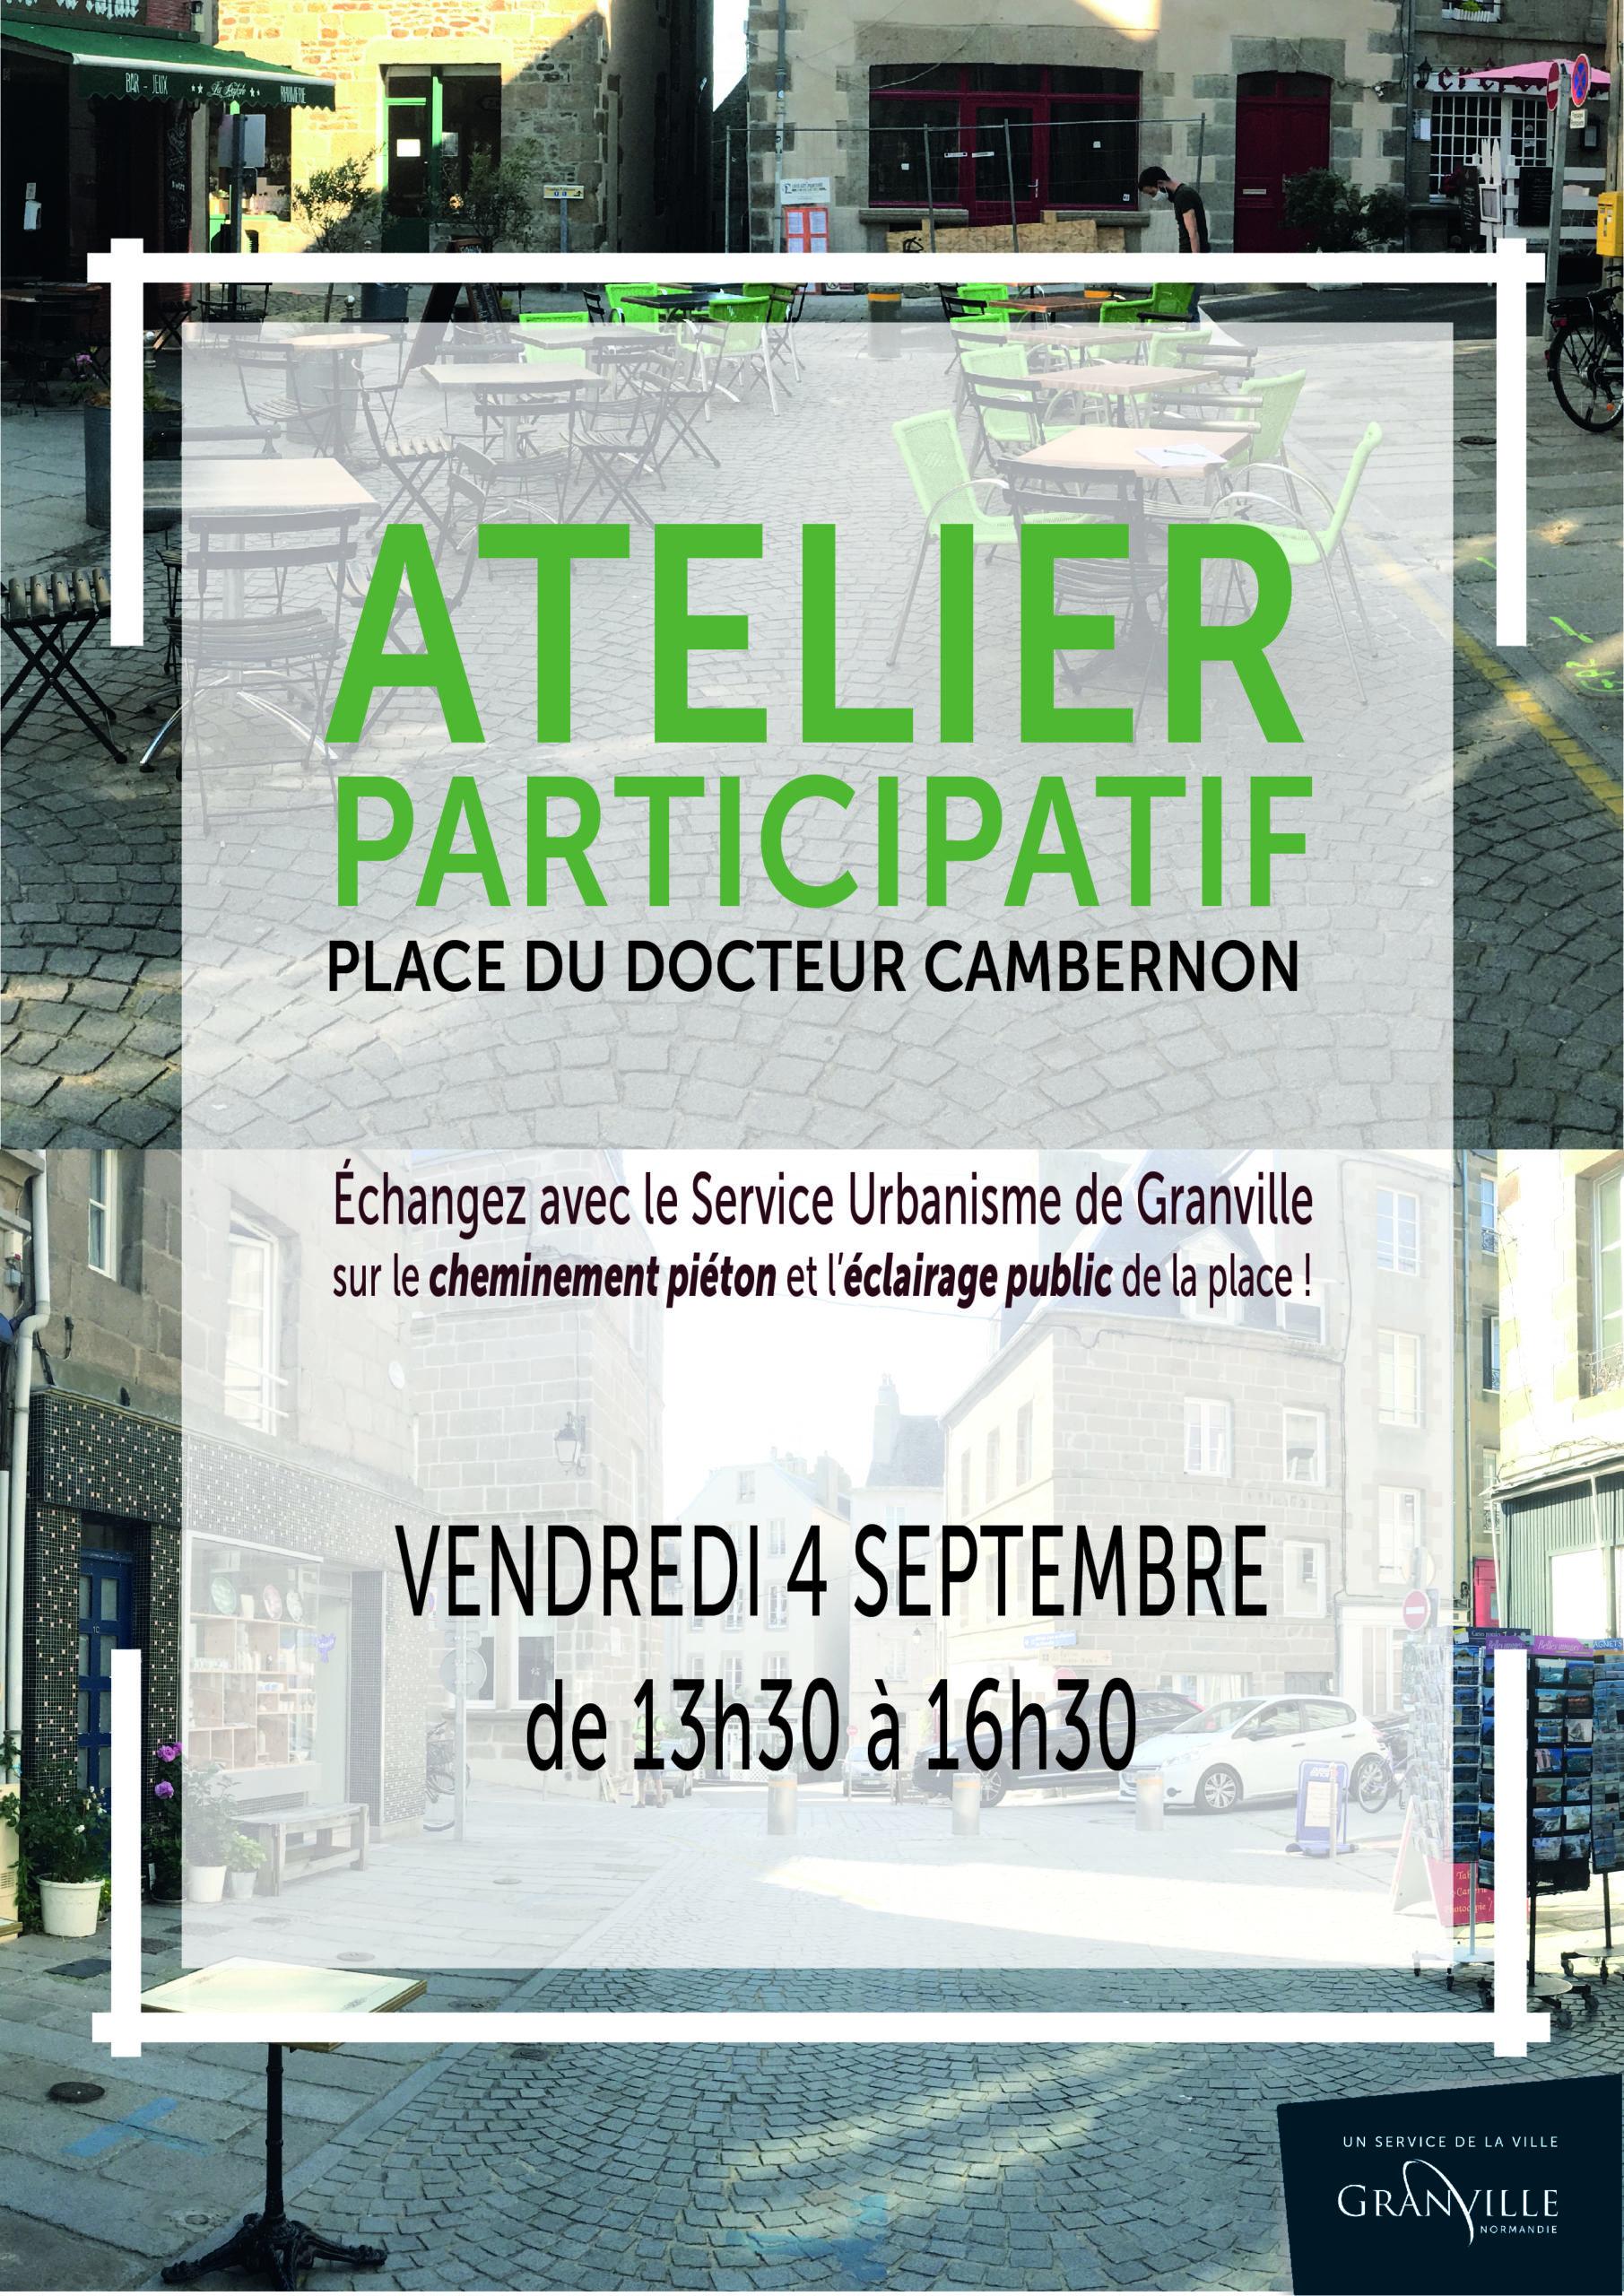 Un atelier participatif est organisé vendredi 4 septembre 2020, place du Docteur Cambernon, par la Ville de Granville.